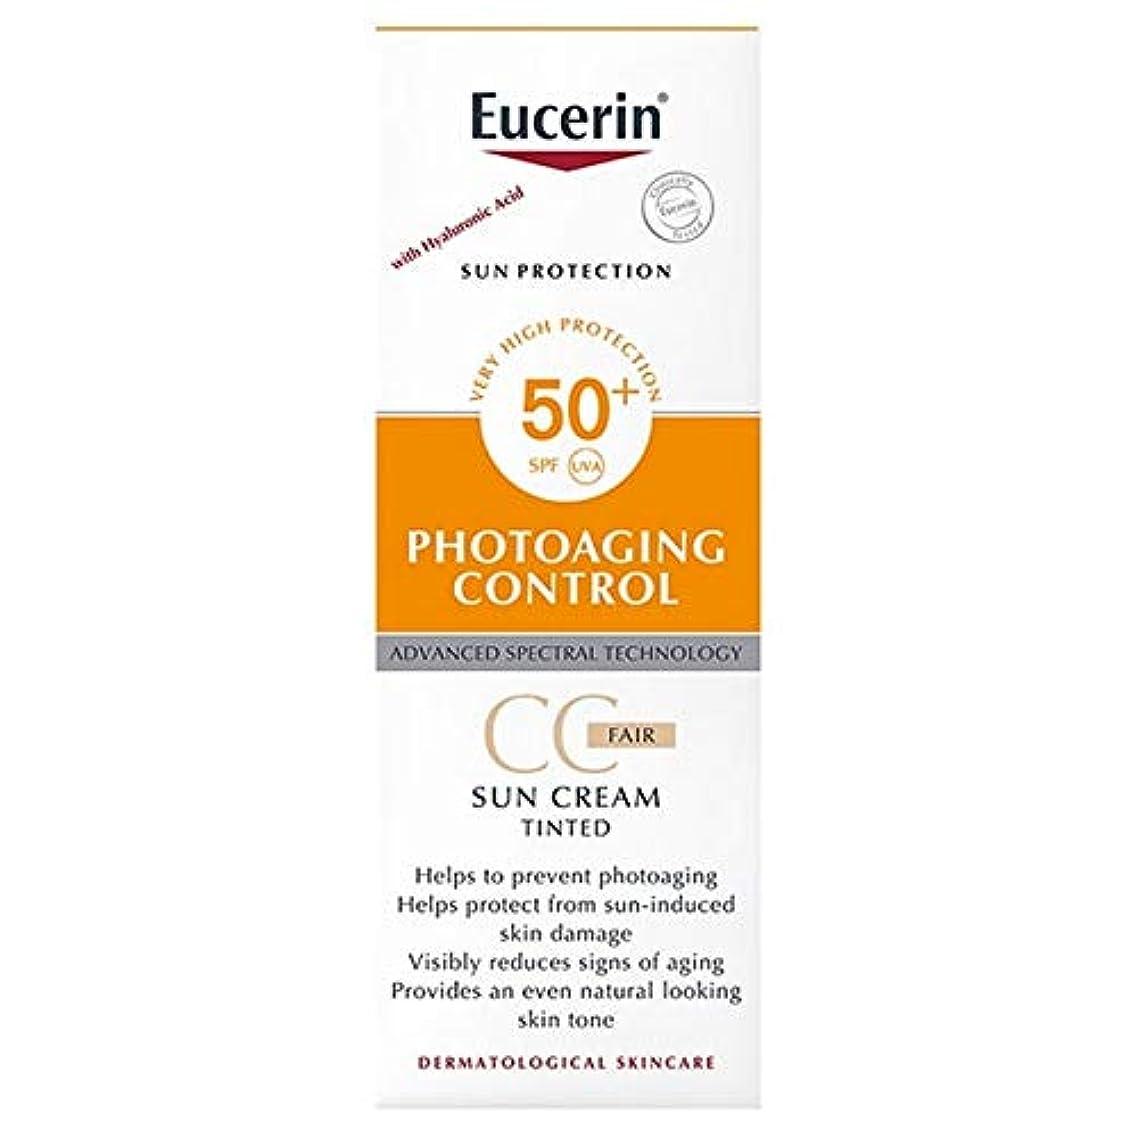 暗唱する主に任命する[Eucerin ] ユーセリンの光老化制御着色公正日クリームSpf50の50ミリリットル - Eucerin Photoaging Control Tinted Fair Sun Cream SPF50 50ml [並行輸入品]